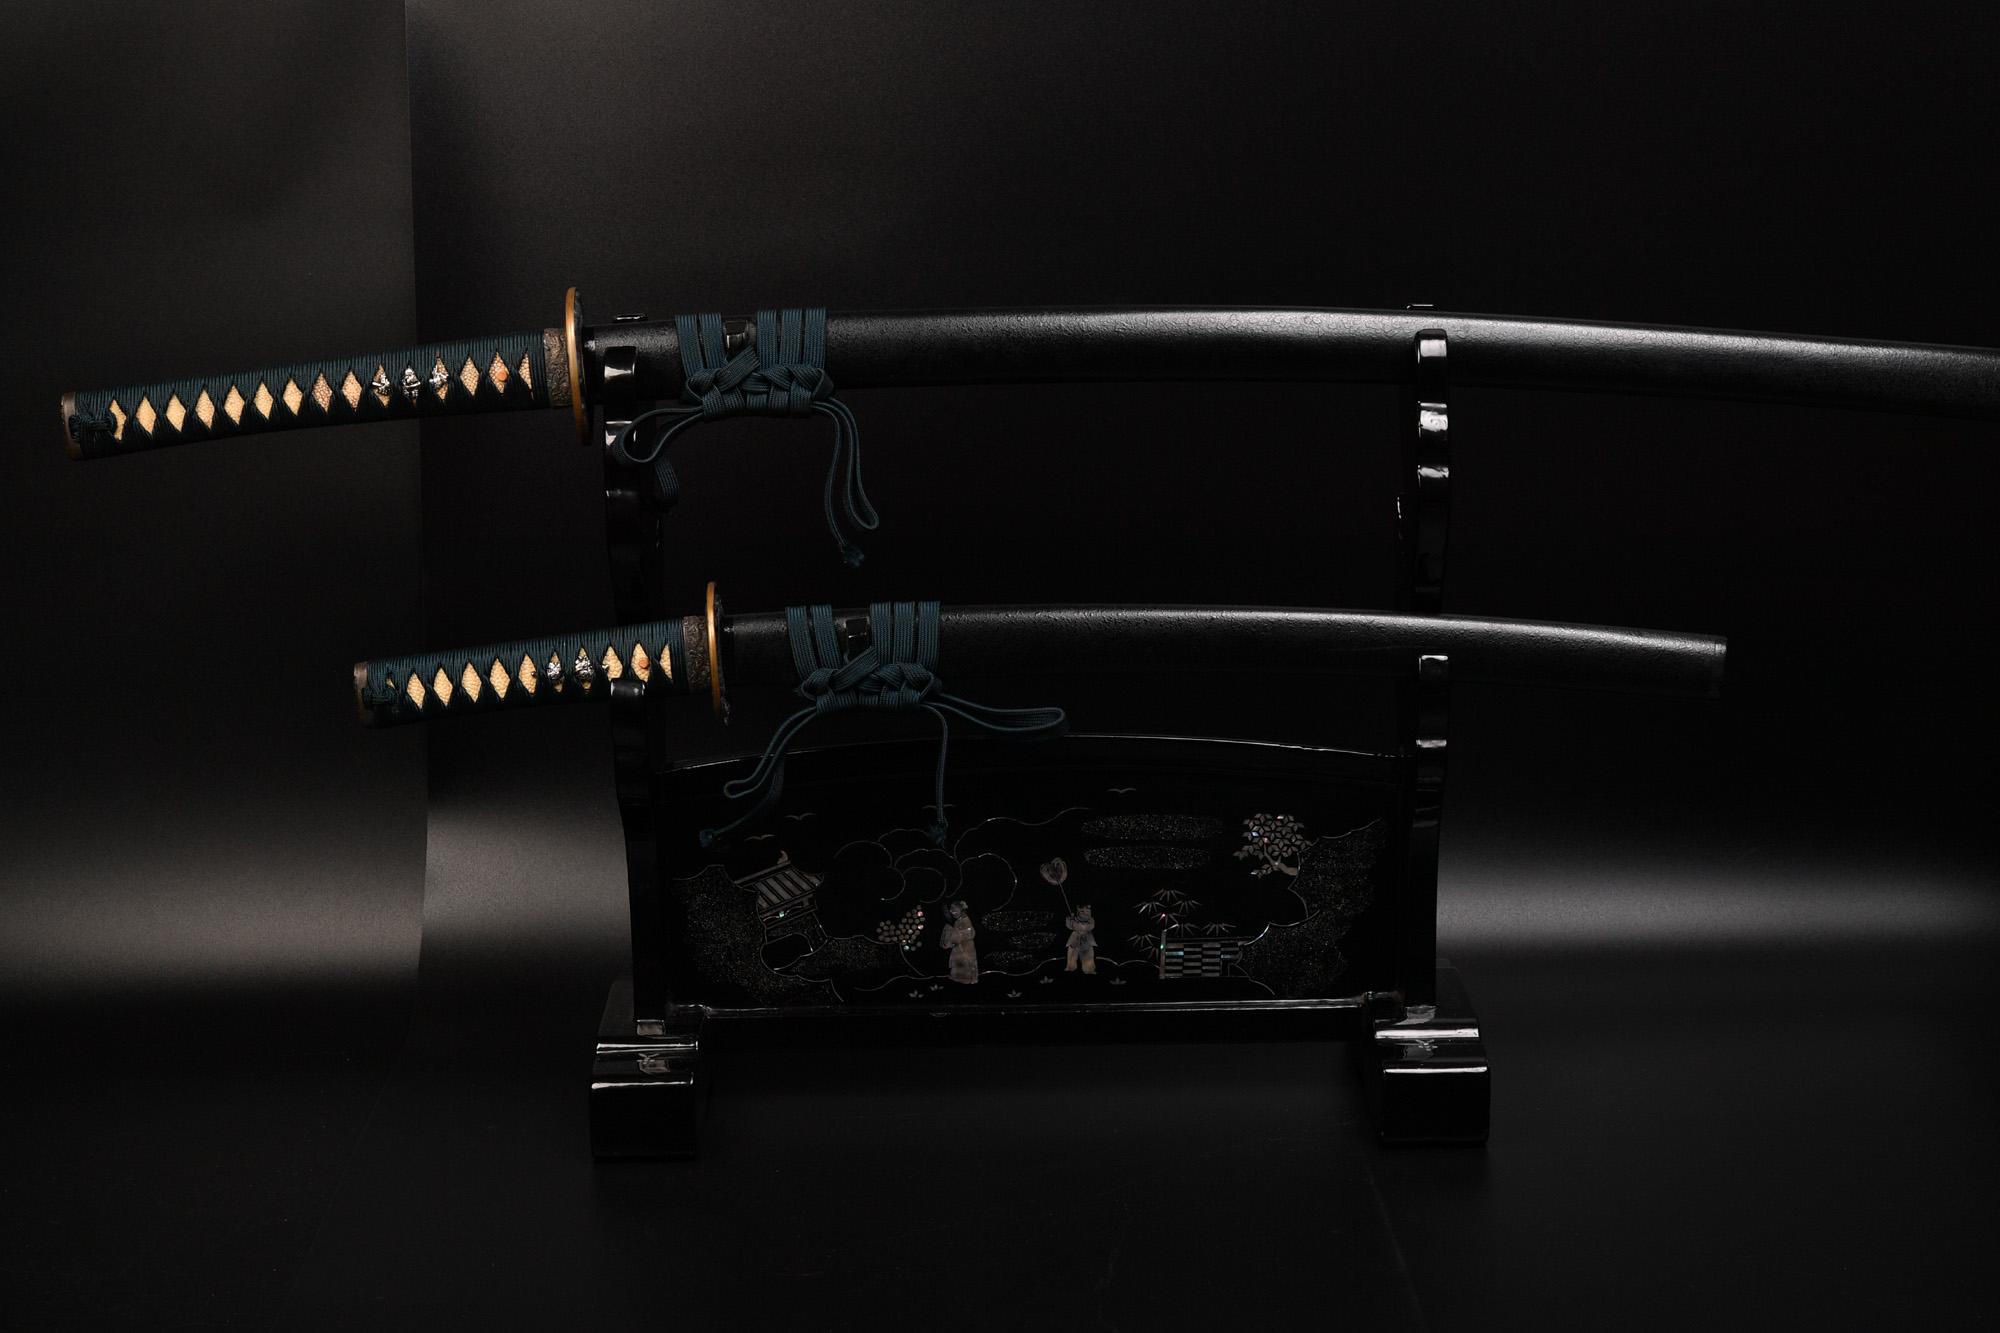 高級摸造刀 特性 鎬 黒石目 刀と脇差し2本セット 購入